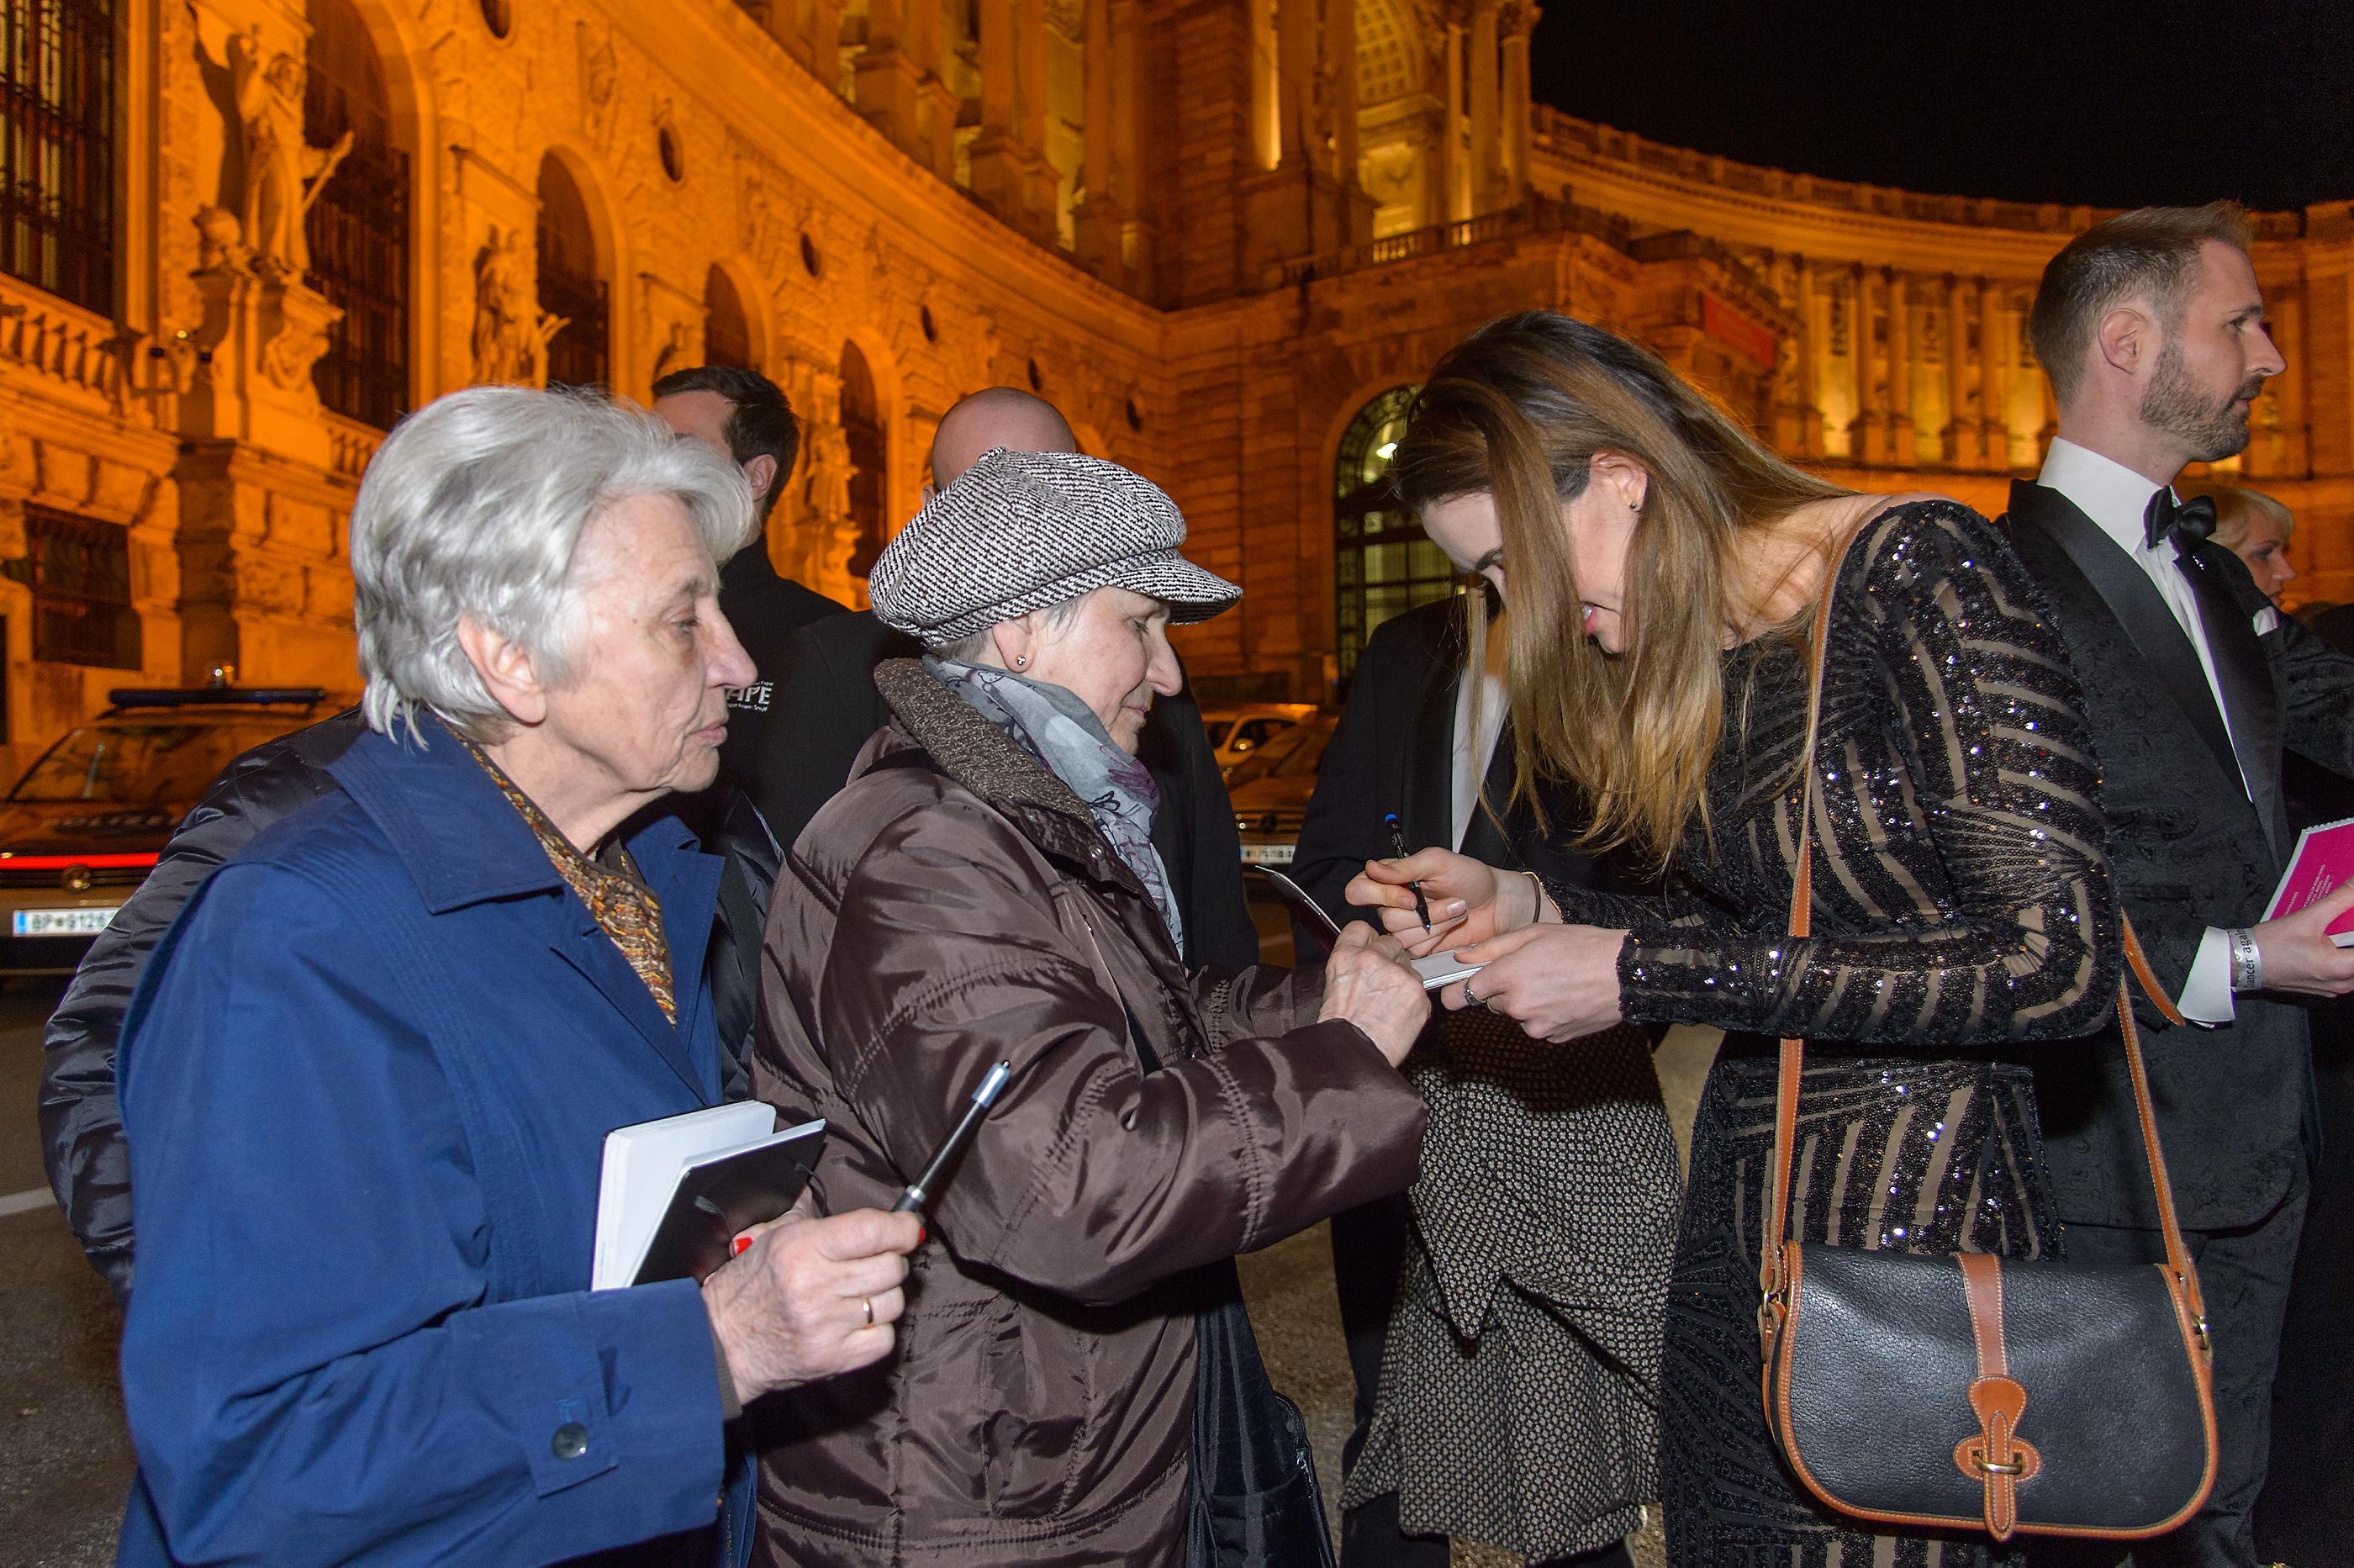 Madeline ZIMA gibt Autogramme